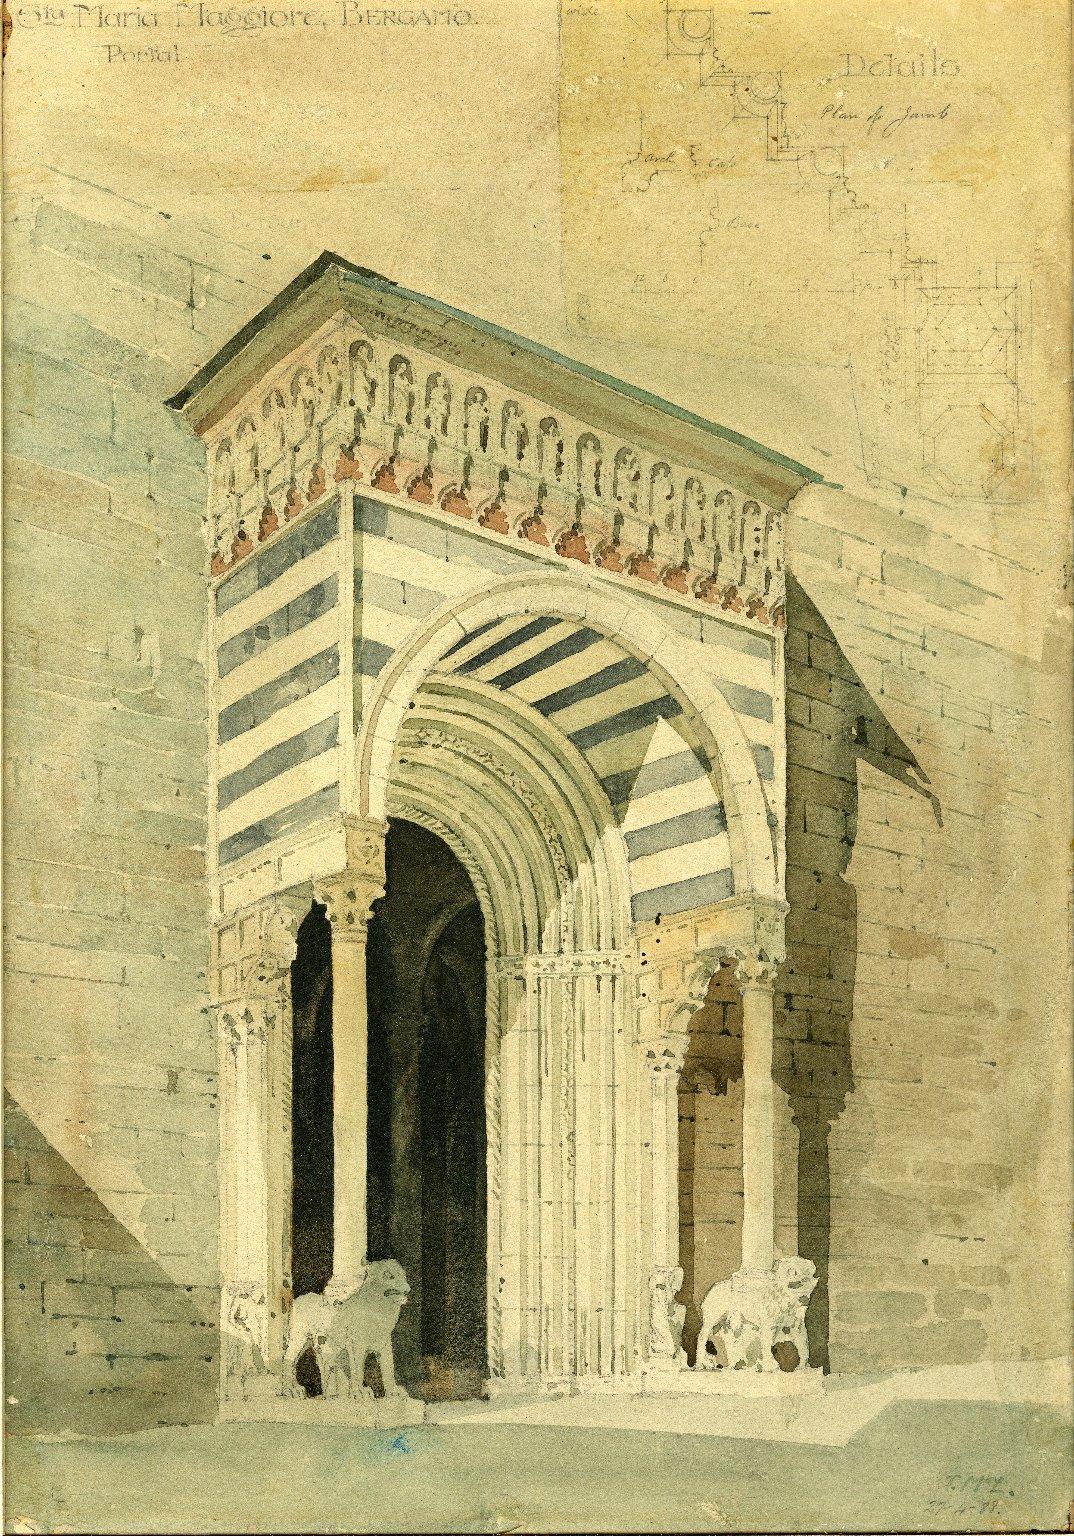 Portal at Santa Maria Maggiore Basilica